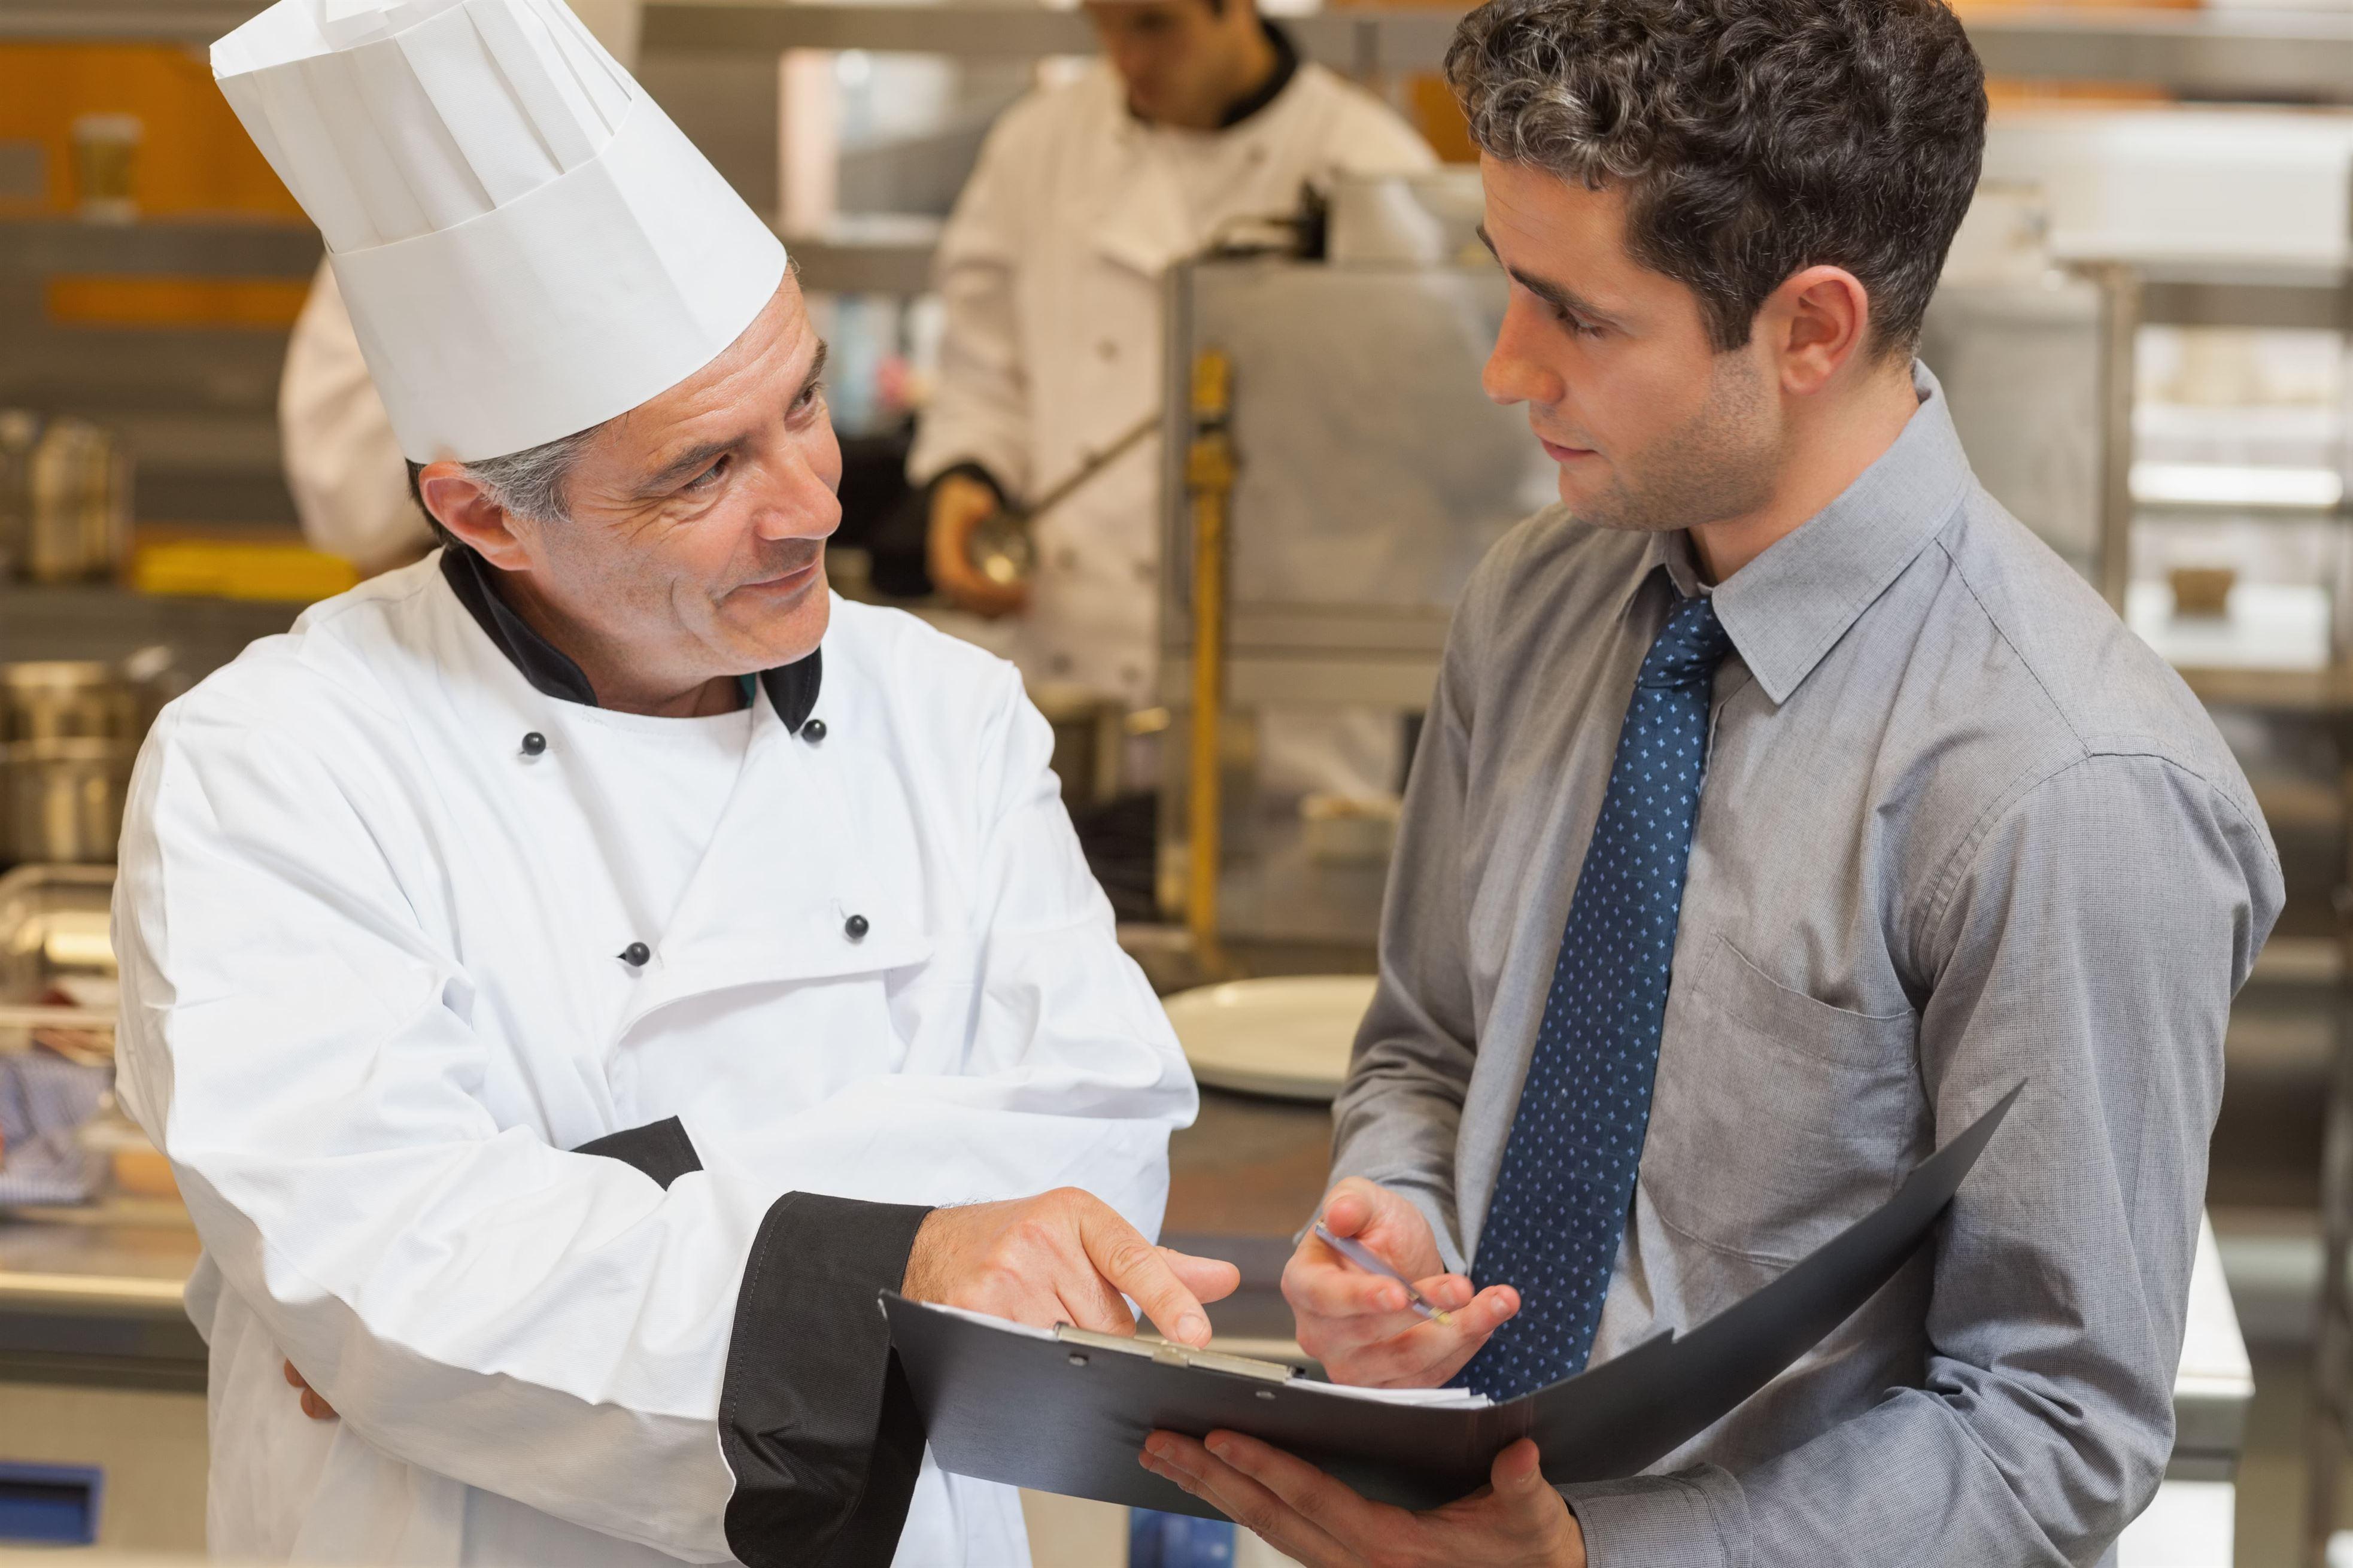 البرنامج التدريبي الشامل في إقتصاديات إدارة المطاعم